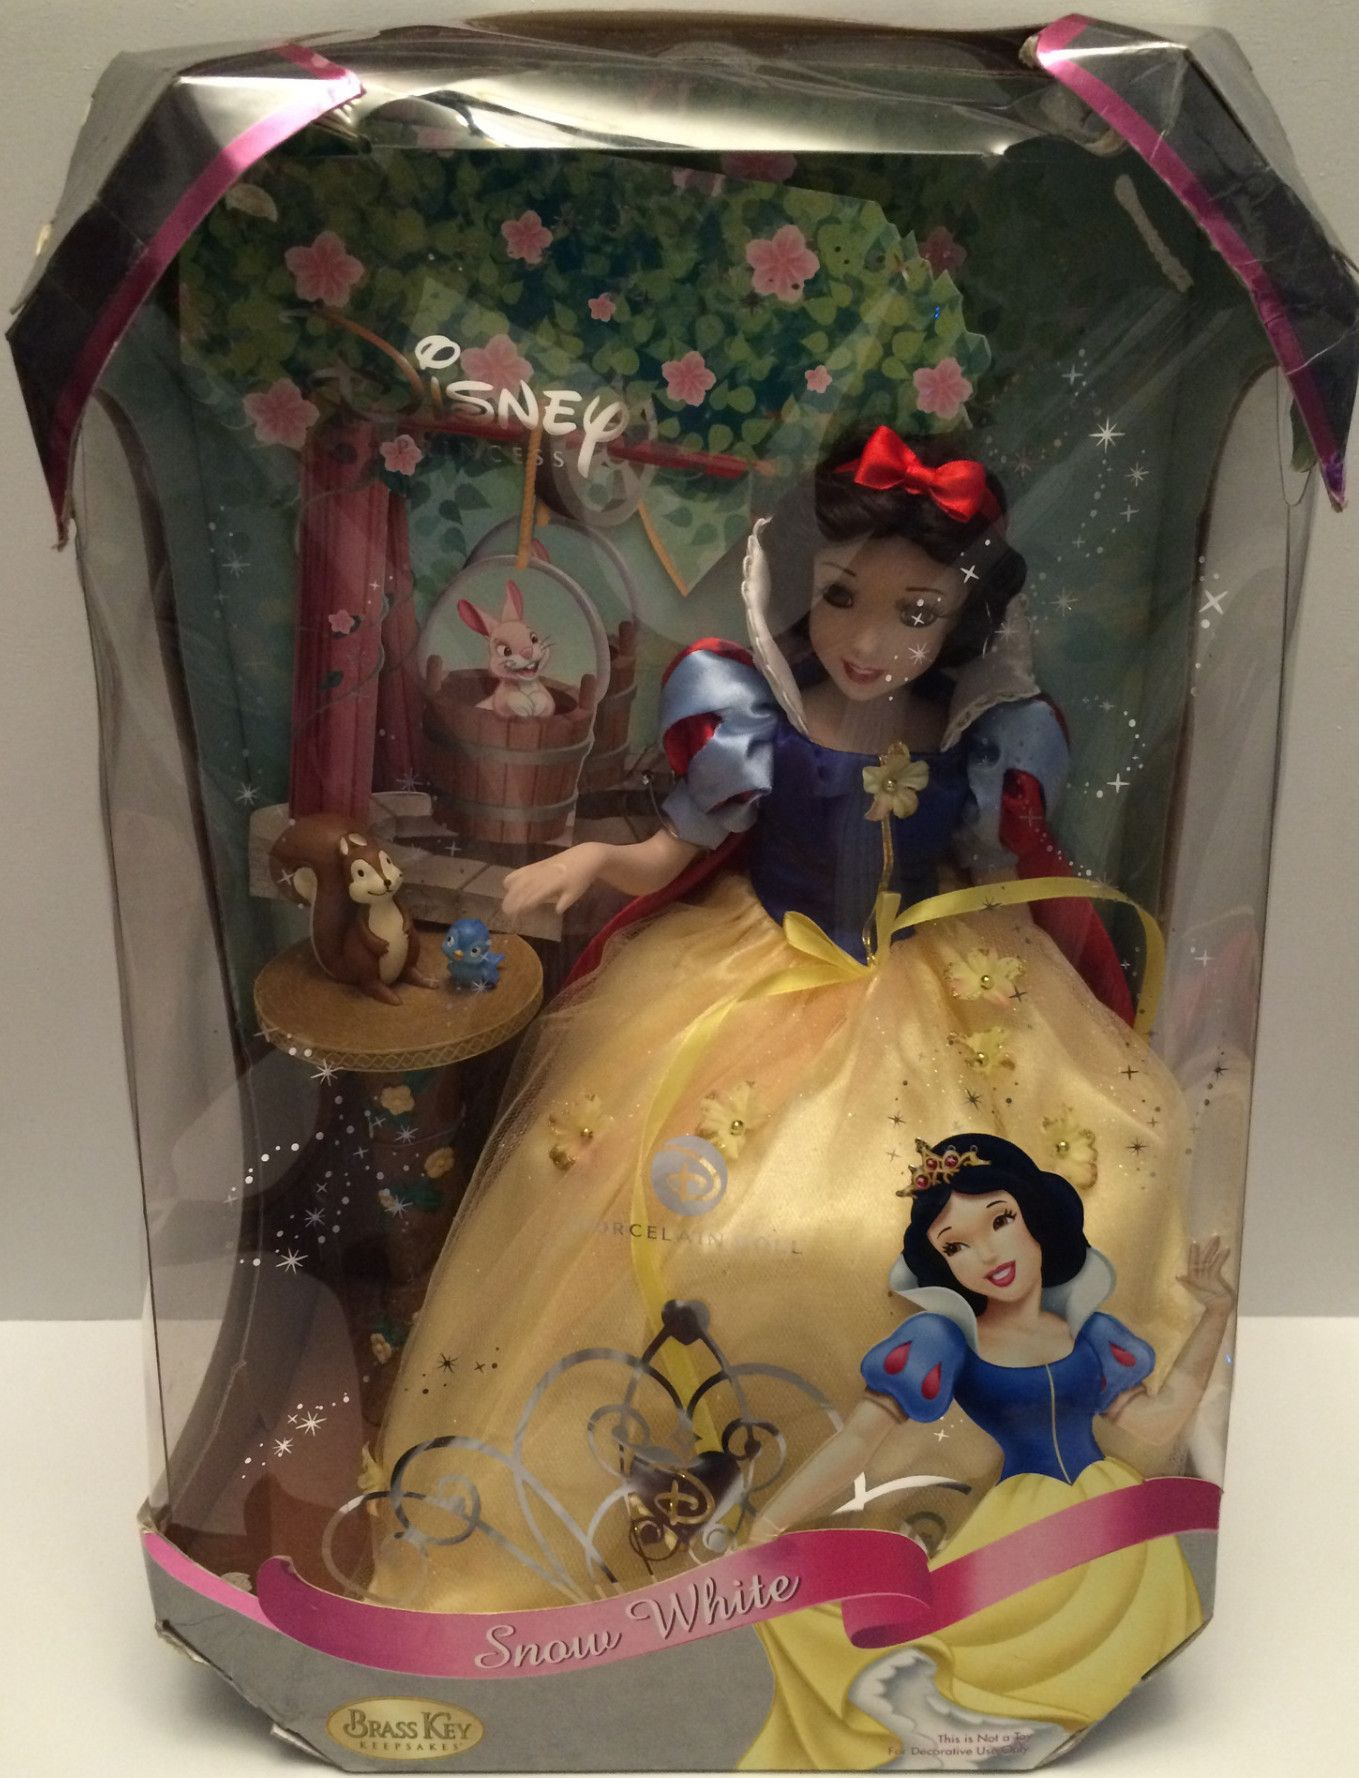 (TAS031238) - 2007 Disney Princess Porcelain Snow White Doll